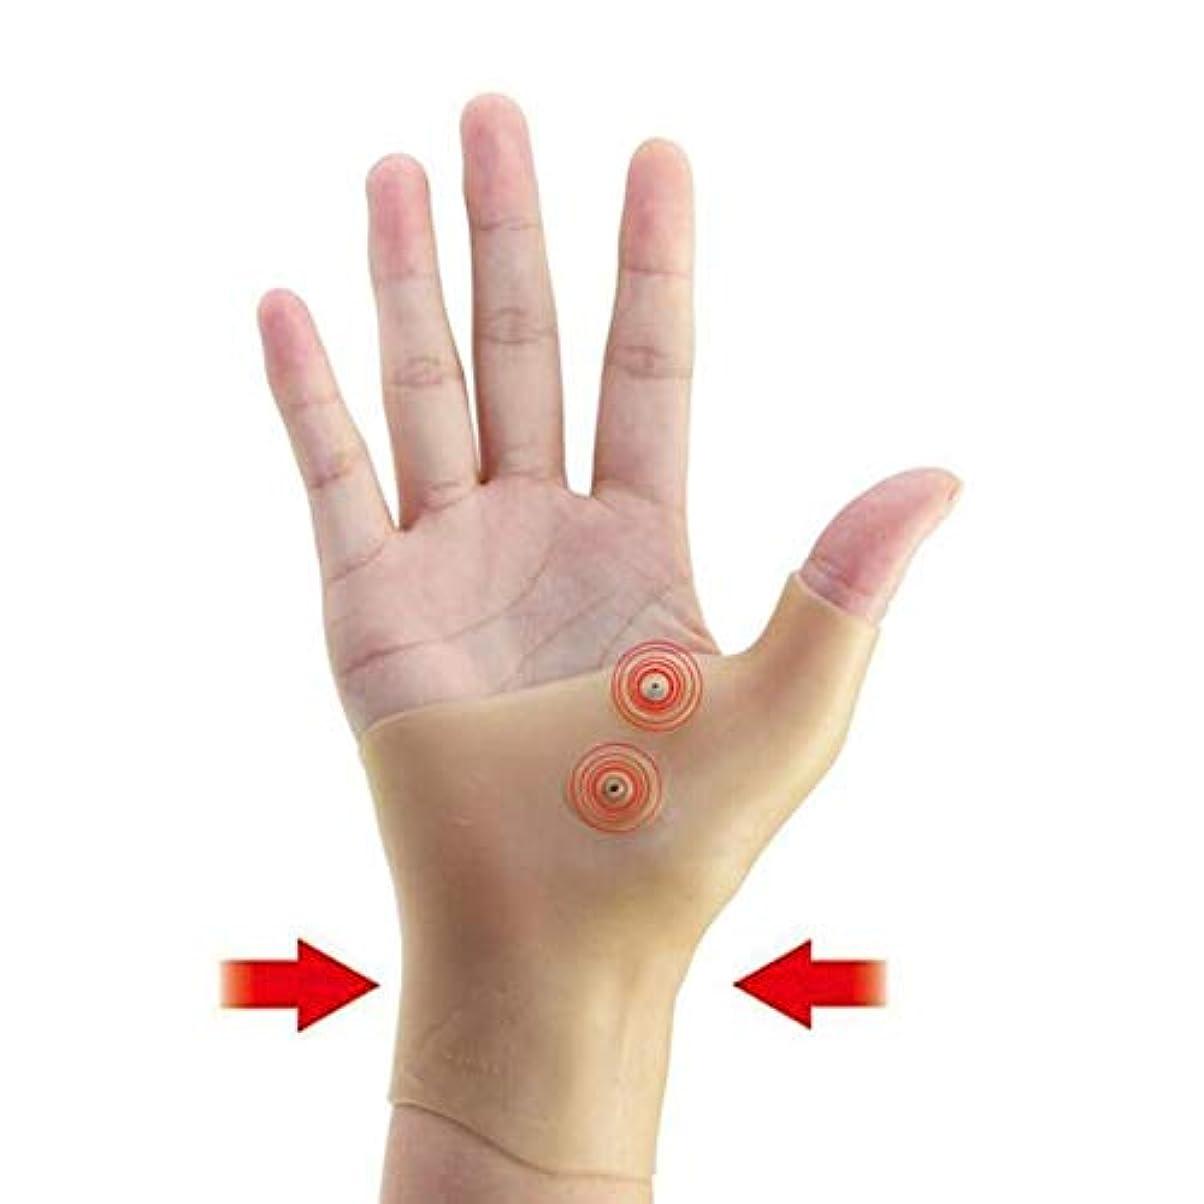 マークダウン冷酷な融合磁気療法手首手親指サポート手袋シリコーンゲル関節炎圧力矯正器マッサージ痛み緩和手袋 - 肌の色